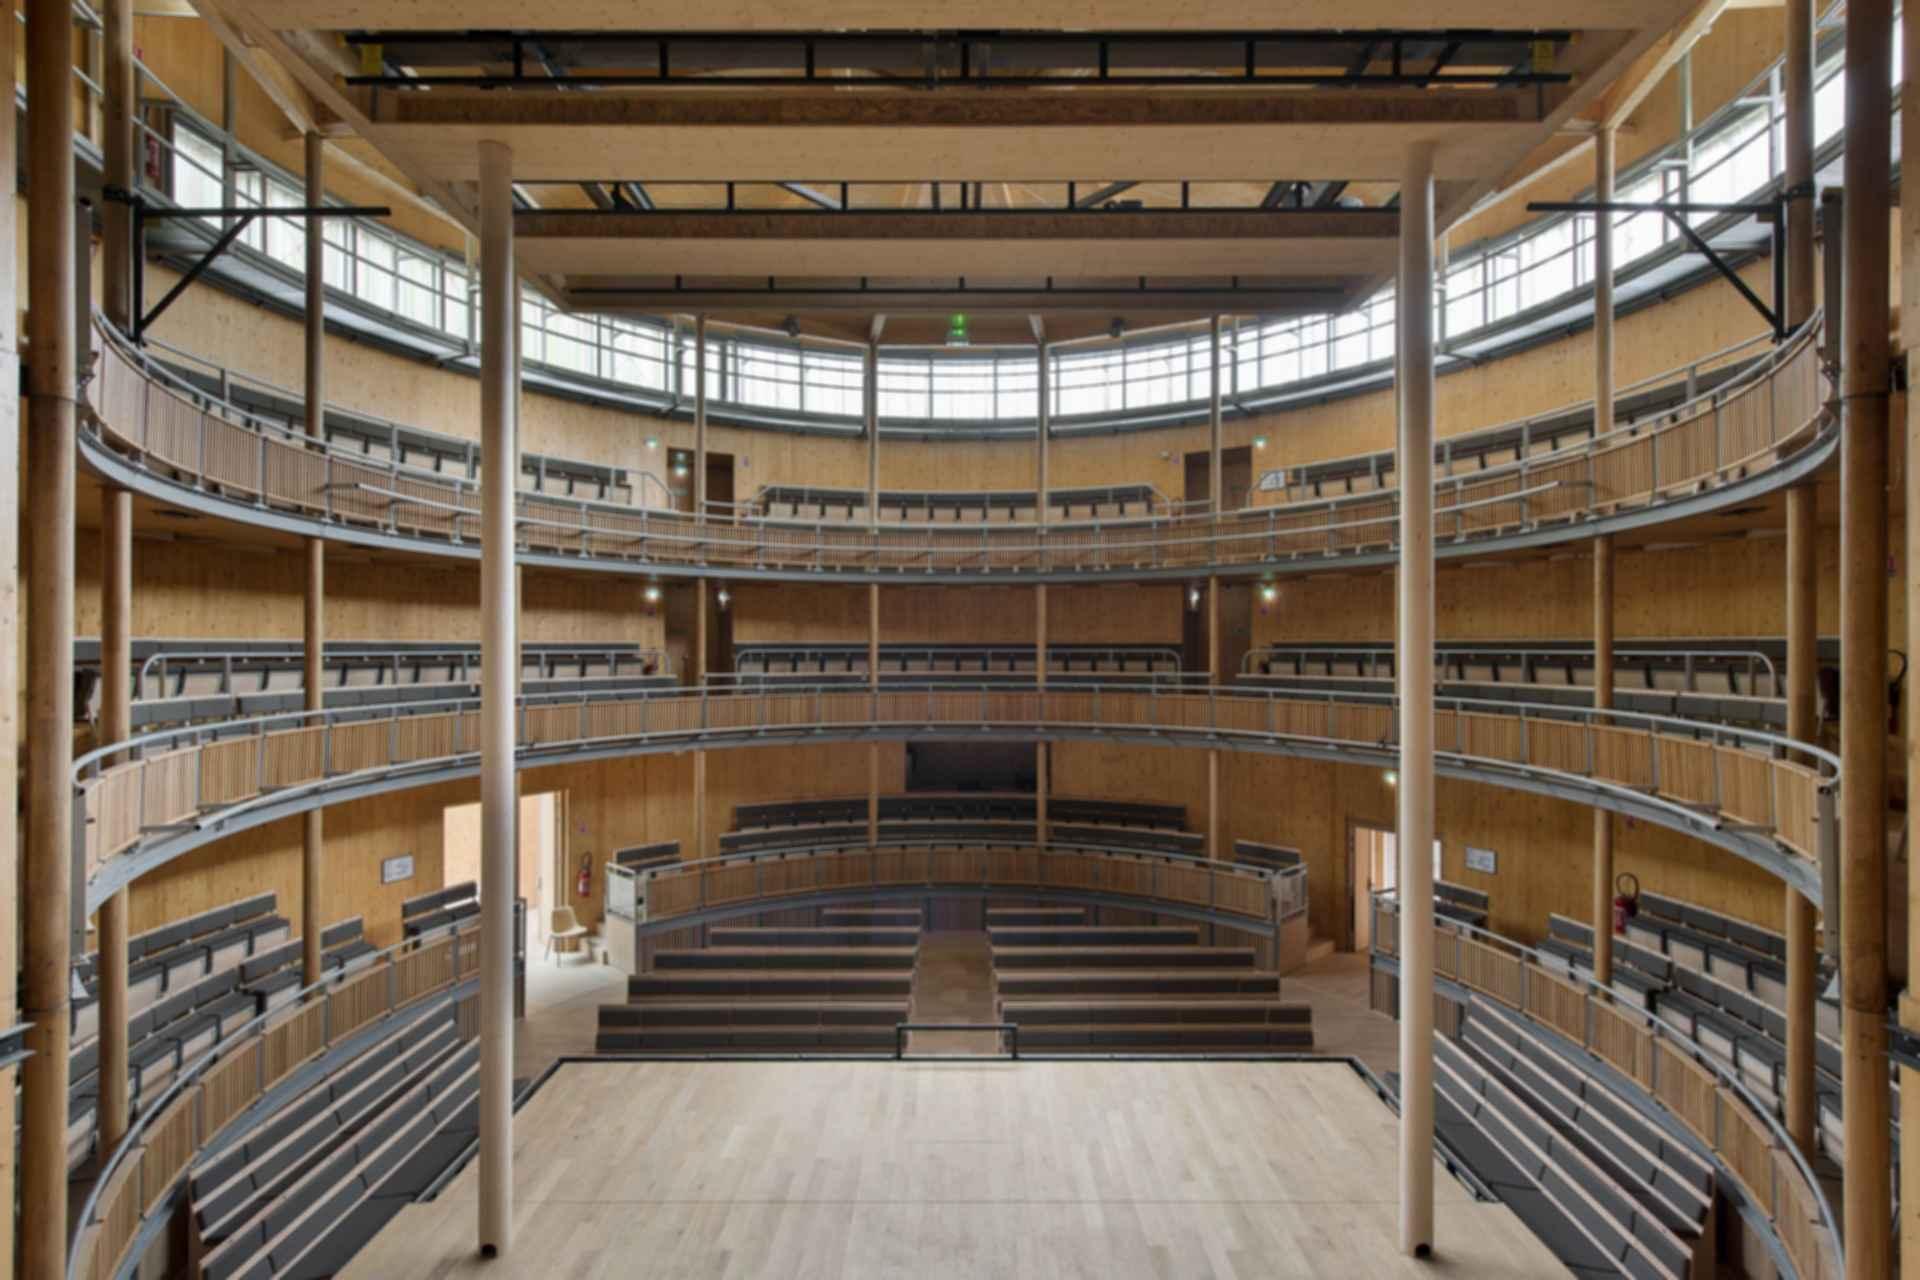 Hardelot Theater